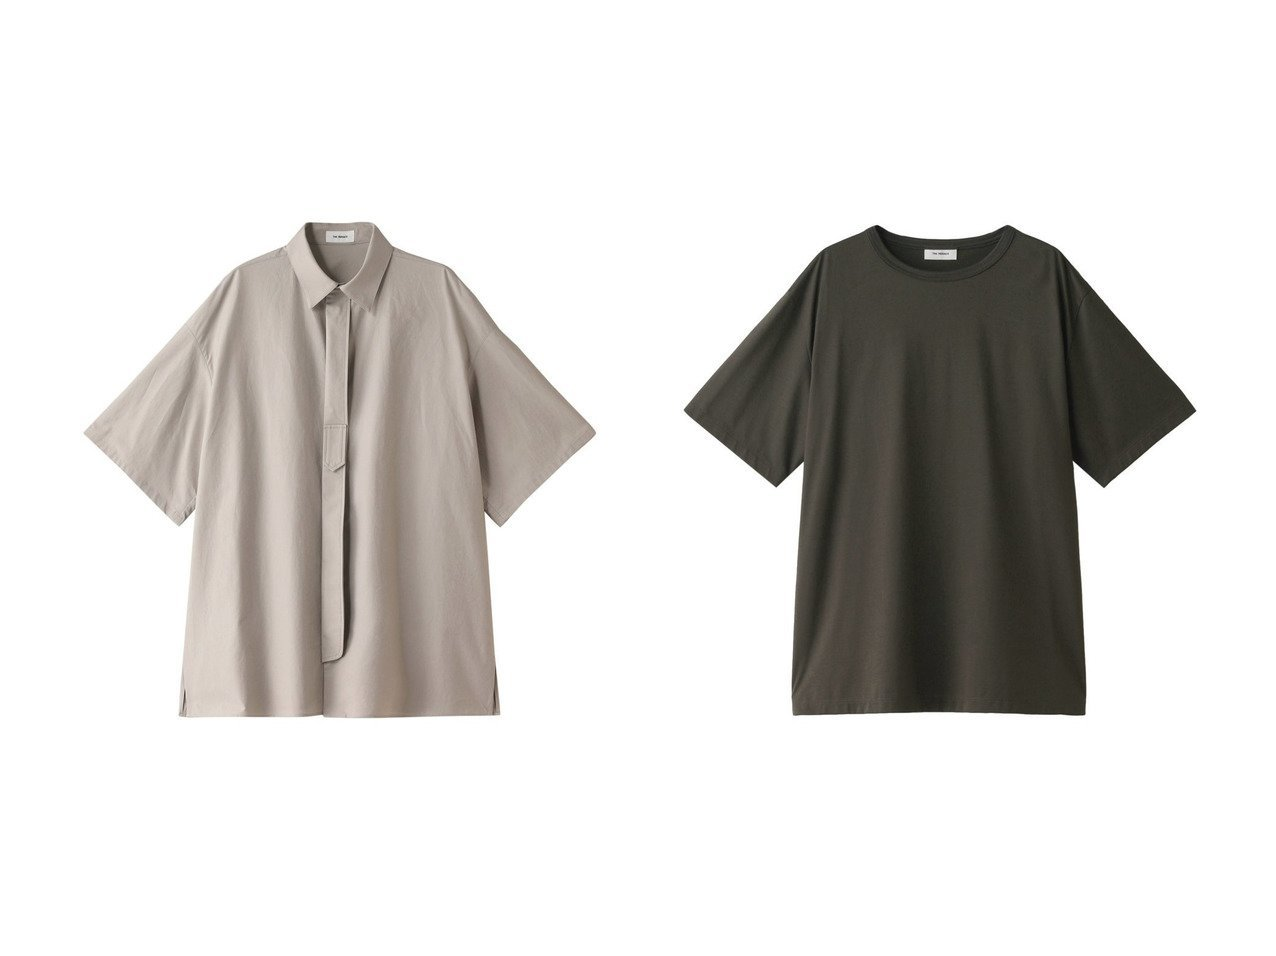 【THE RERACS / MEN/ザ リラクス】の【MEN】ベーシックTシャツ&【MEN】ショートスリーブバトルドレスシャツ 【MEN】男性のおすすめ!人気トレンド・メンズファッションの通販 おすすめで人気の流行・トレンド、ファッションの通販商品 メンズファッション・キッズファッション・インテリア・家具・レディースファッション・服の通販 founy(ファニー) https://founy.com/ ファッション Fashion メンズファッション MEN トップス Tops Tshirt Men シャツ Shirts 2021年 2021 2021 春夏 S/S SS Spring/Summer 2021 S/S 春夏 SS Spring/Summer ショート シンプル スリーブ ドレス 半袖 春 Spring  ID:crp329100000015224